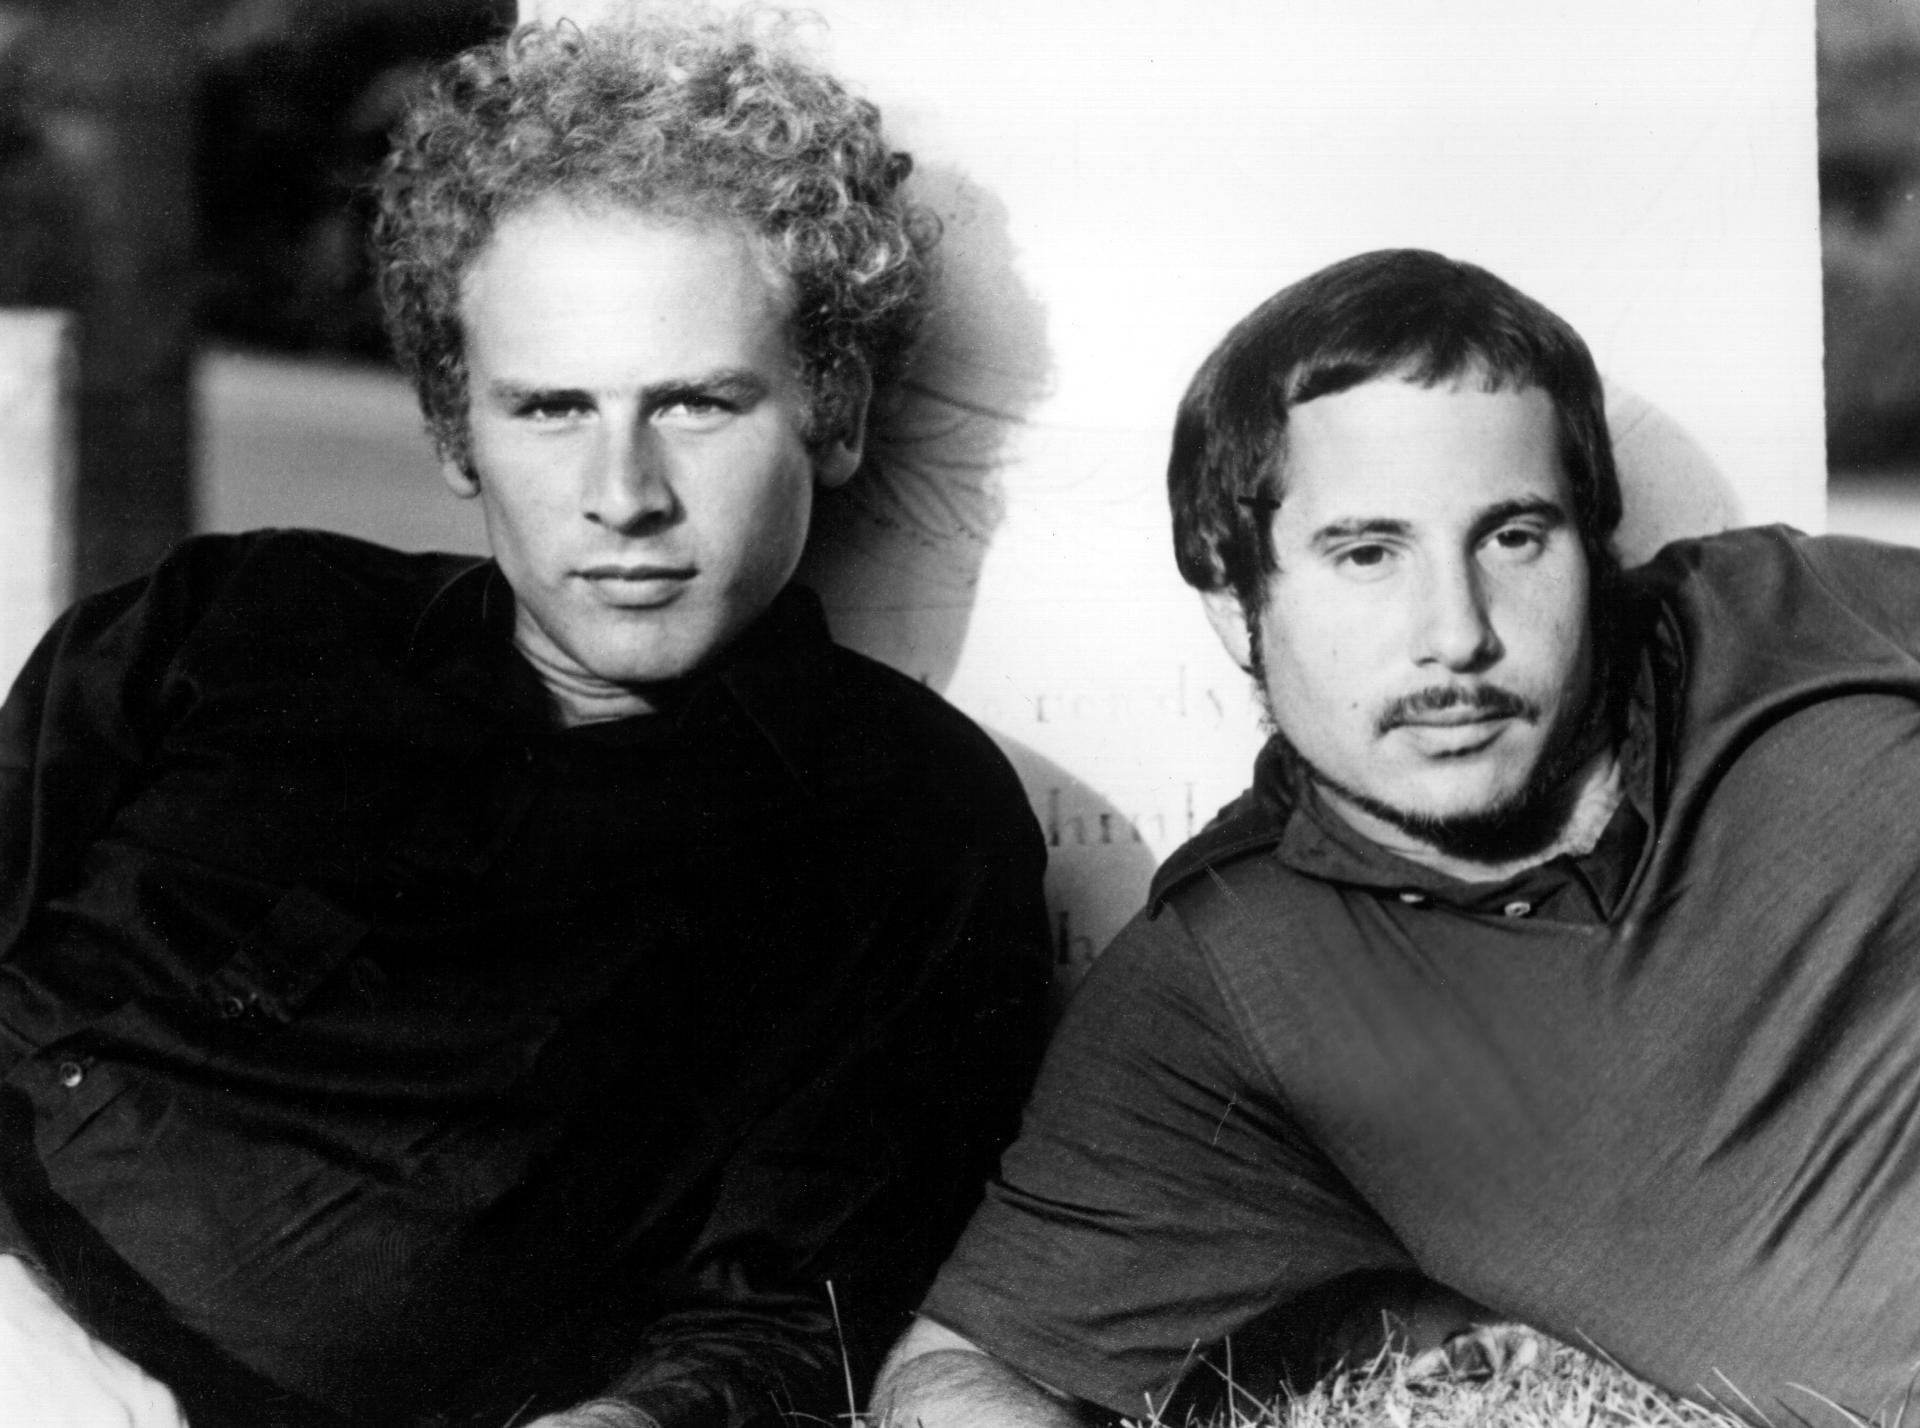 Resultado de imagen de simon and garfunkel 1970